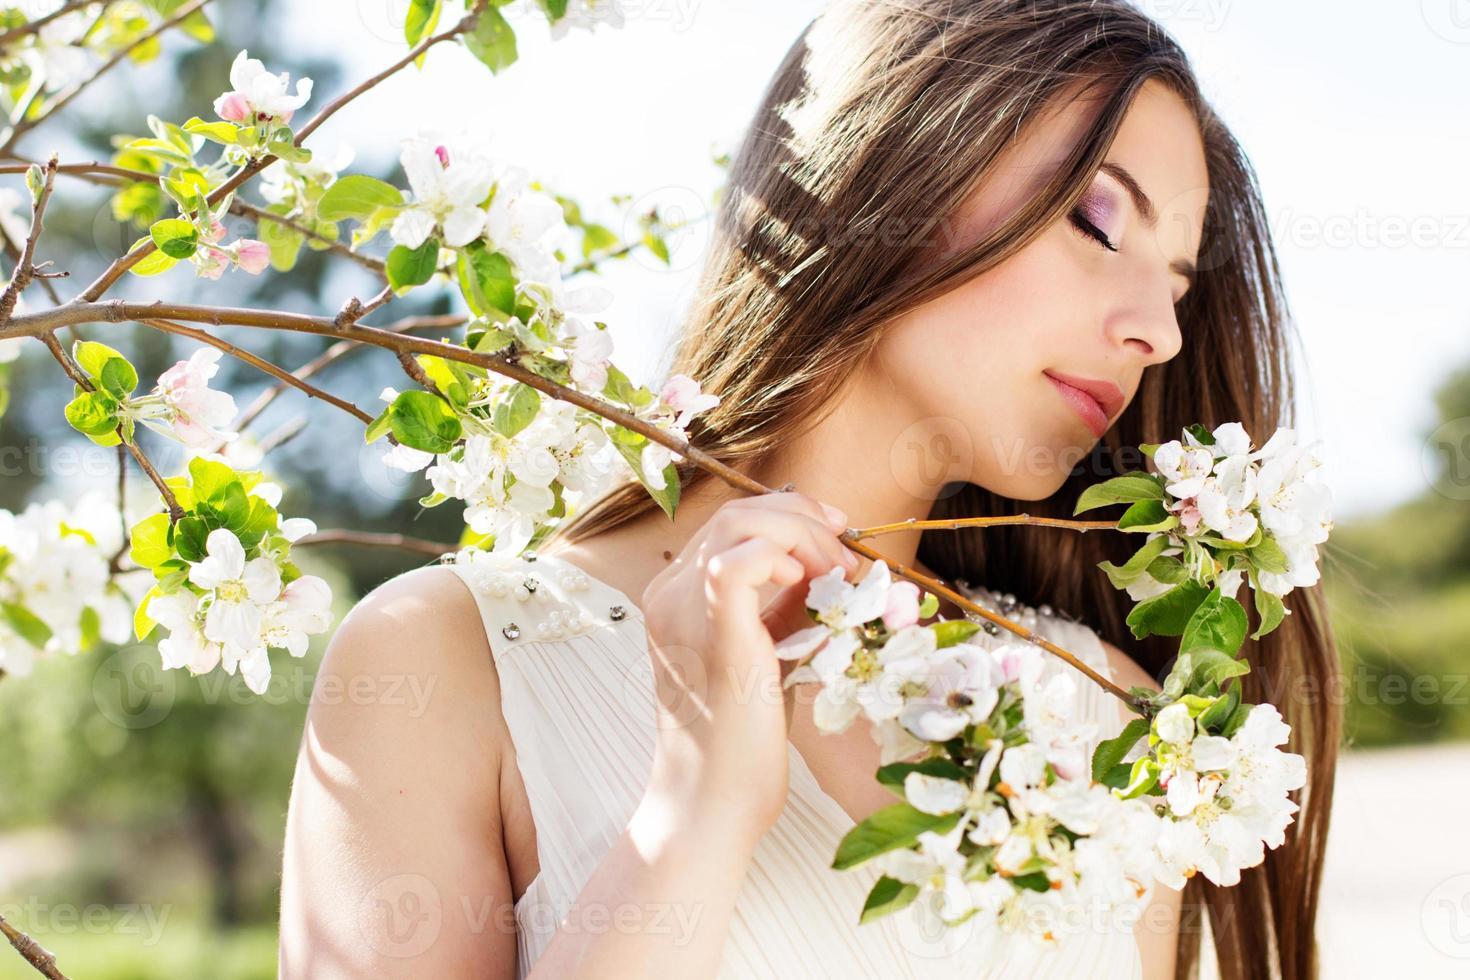 mooi meisje in een tuin van de kersenbloesem foto